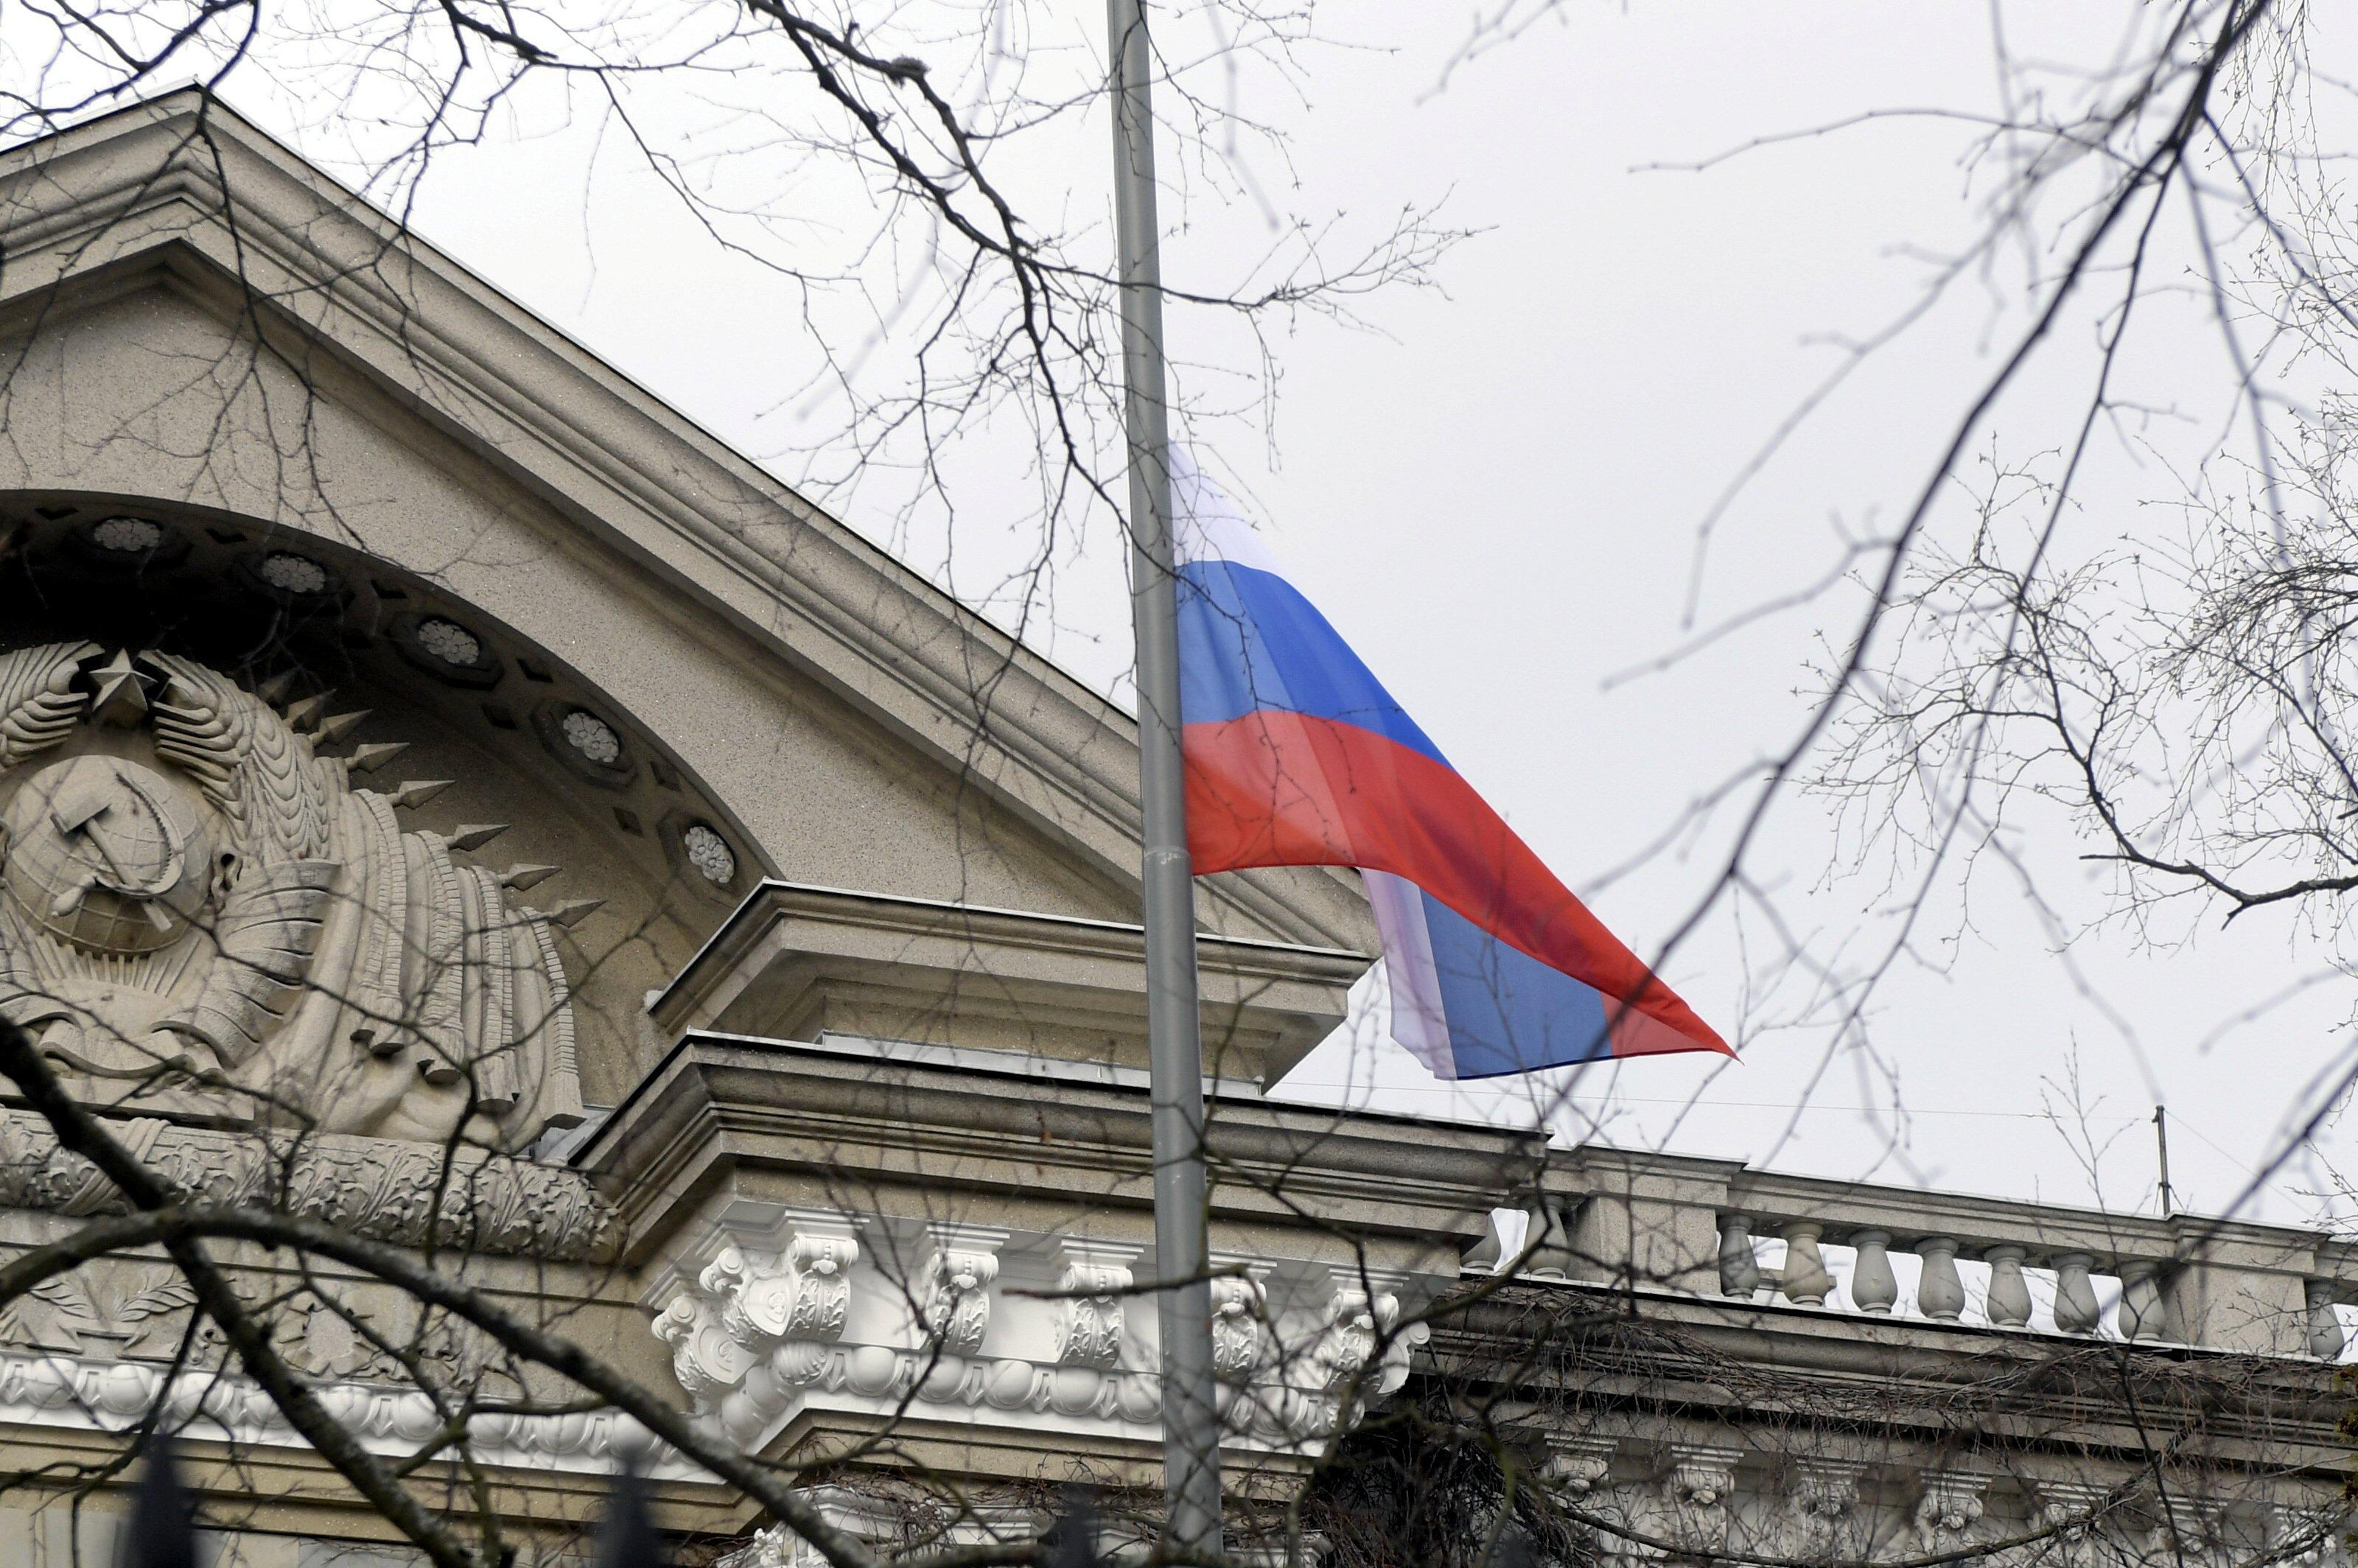 Эксперт утверждает, что в Украине каждый второй чиновник завербован ФСБ или бывший КГБист